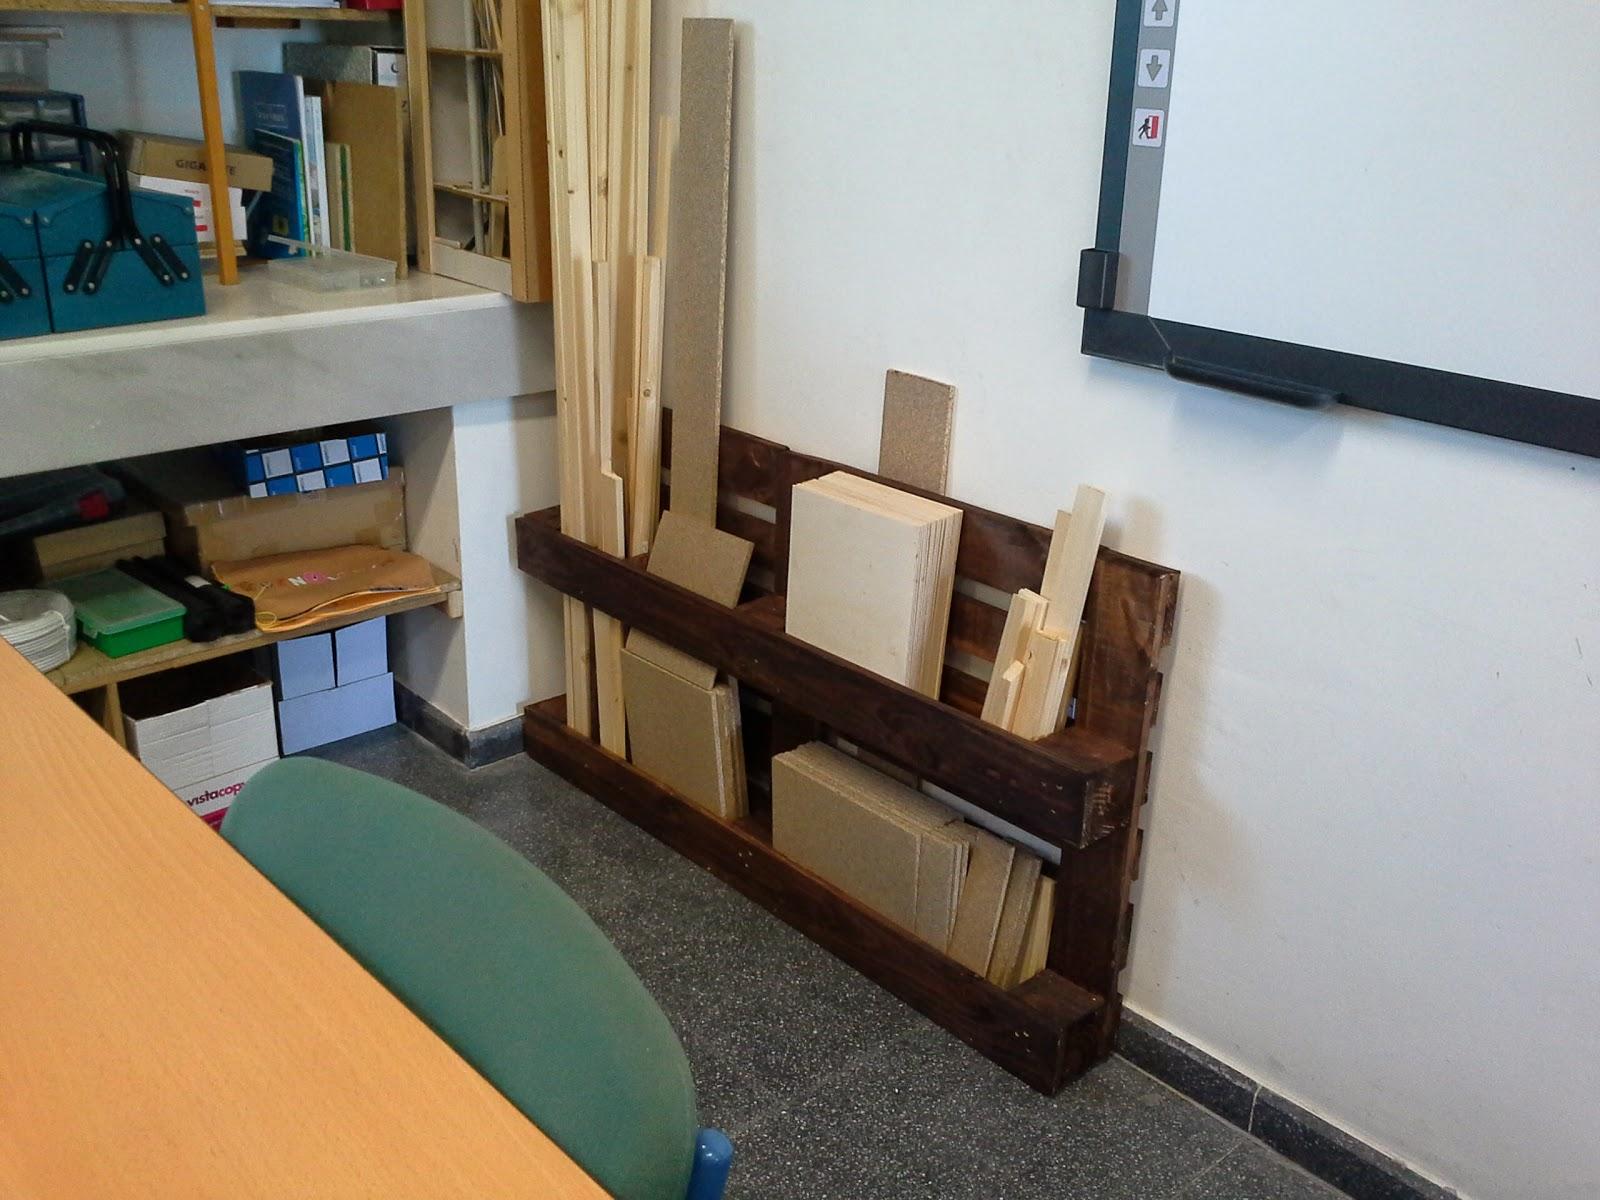 Mueble para organizar maderas en el aula de tecnolog a for Muebles para aulas